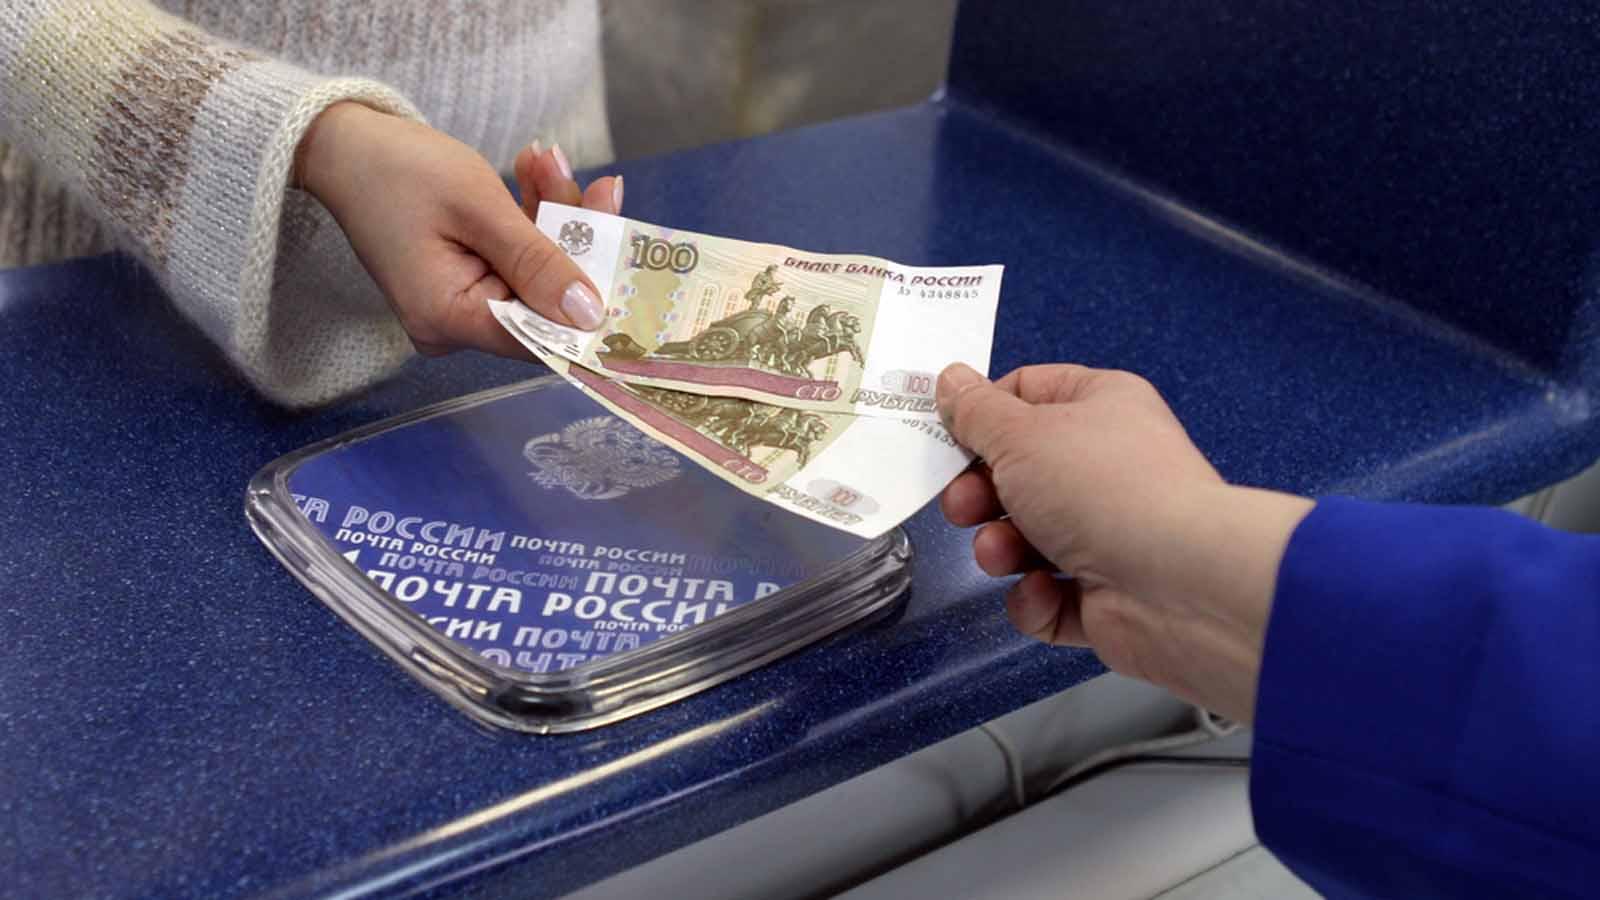 Начальник Кирилловского почтамта присвоила более 130 тысяч рублей из кассы почты